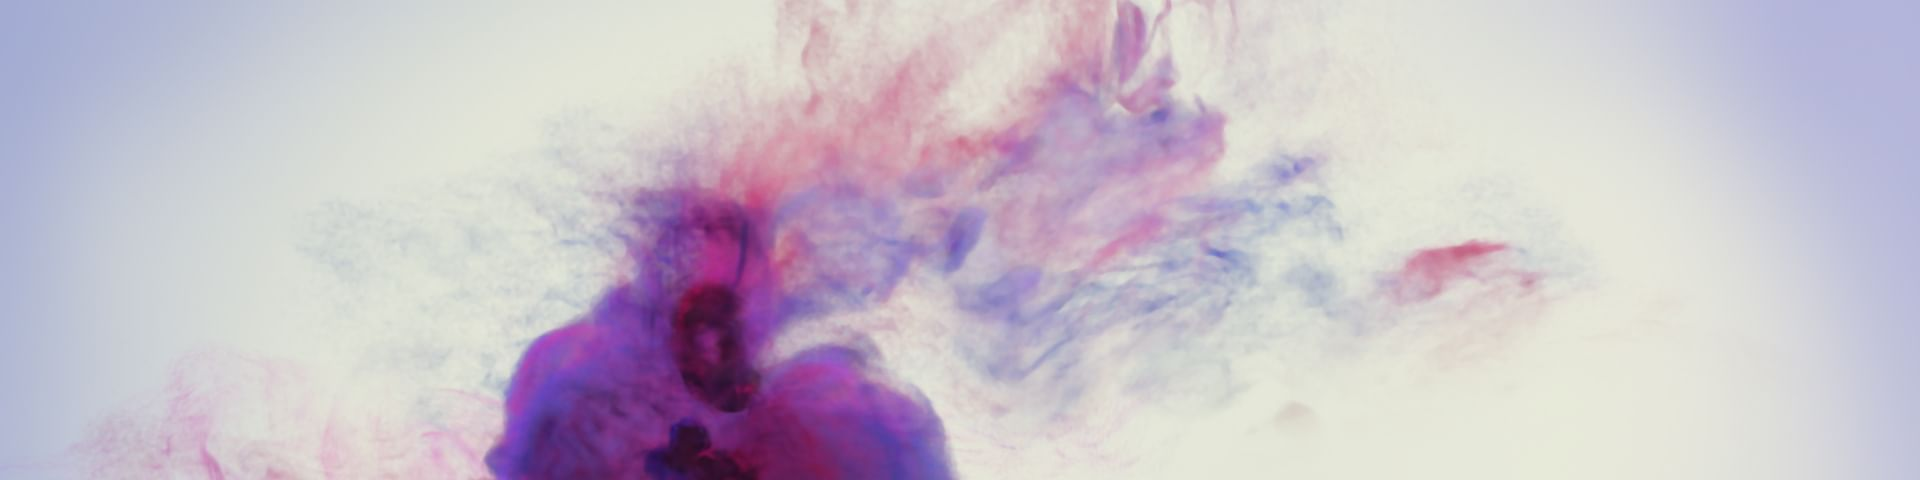 David Bowie: Porträt eines Ausnahmekünstlers